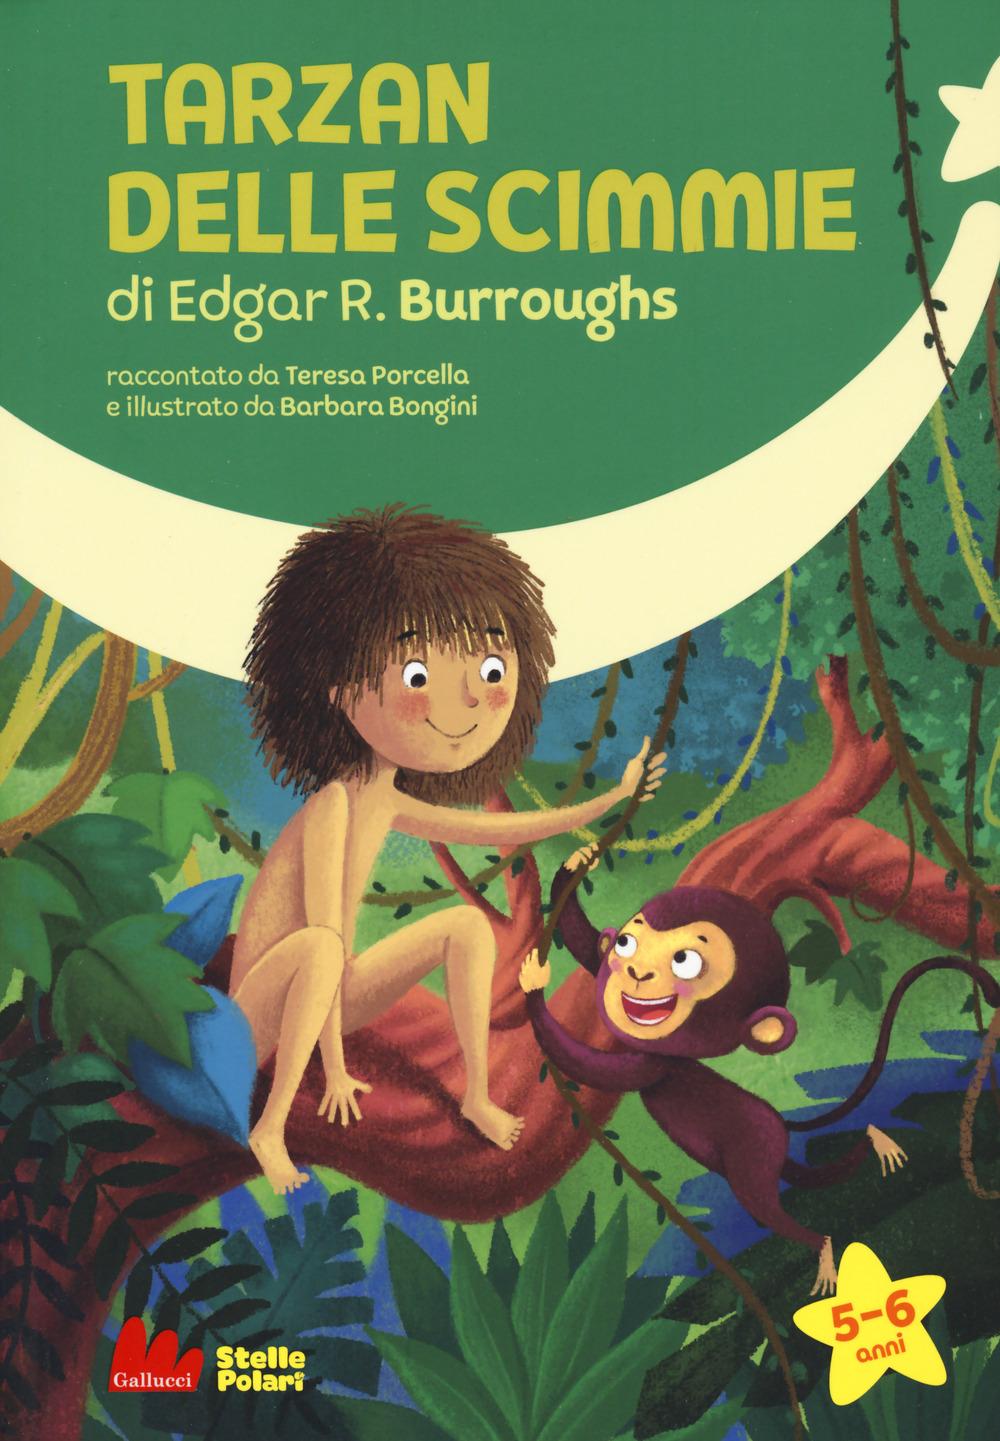 Tarzan delle scimmie di Edgar R. Burroughs. Ediz. a caratteri grandi